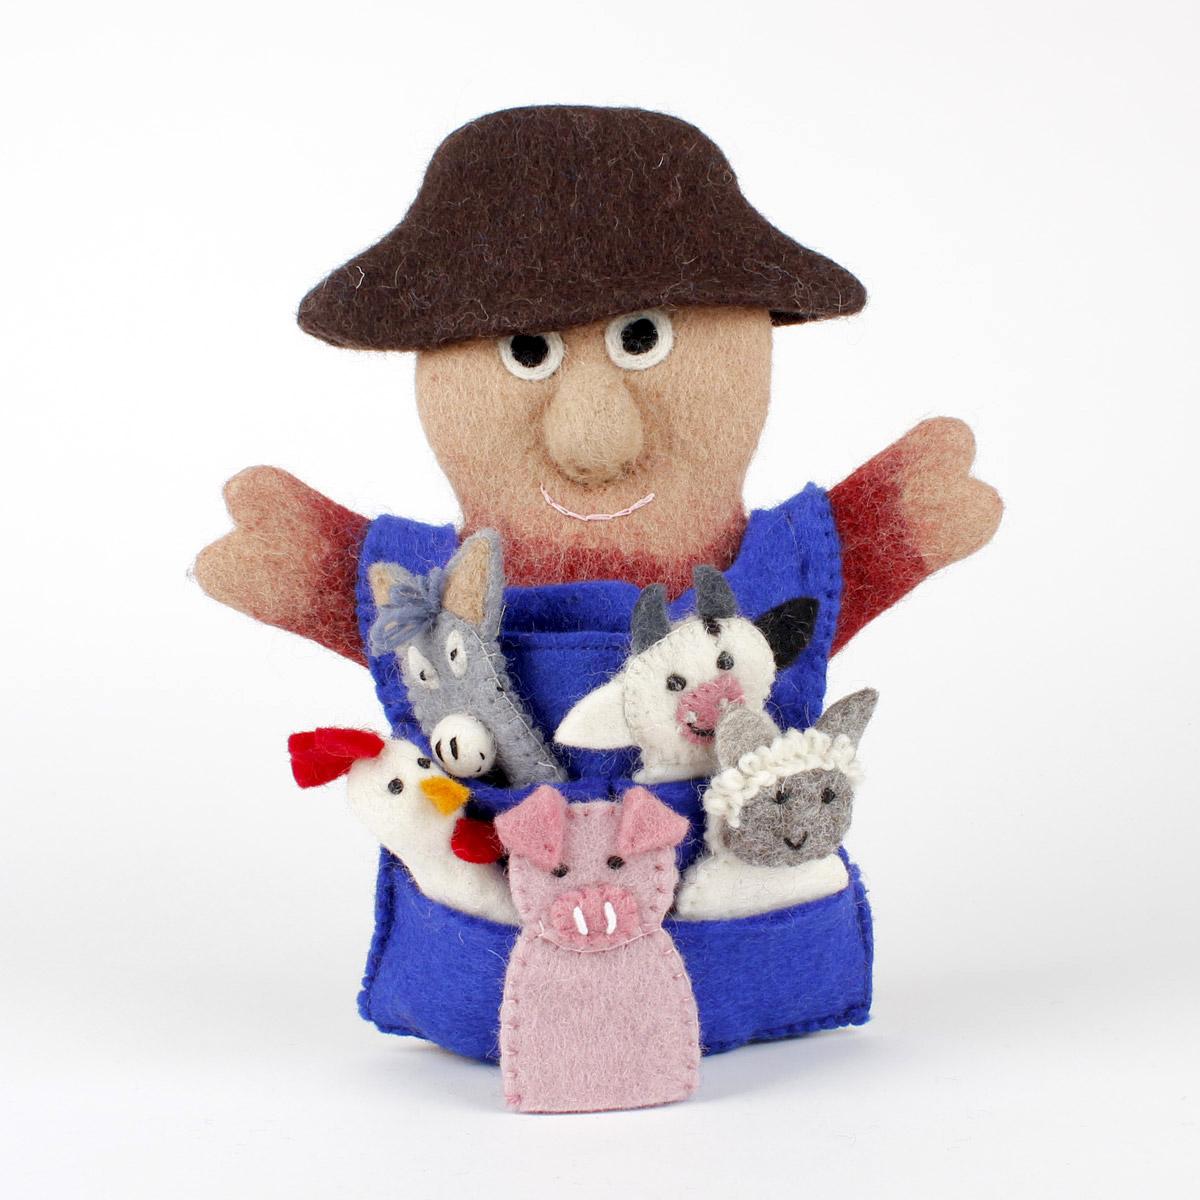 Handpop Boer met 5 vingerpopjes boerderij dieren - Vilt - Fairtrade - Handgemaakt.